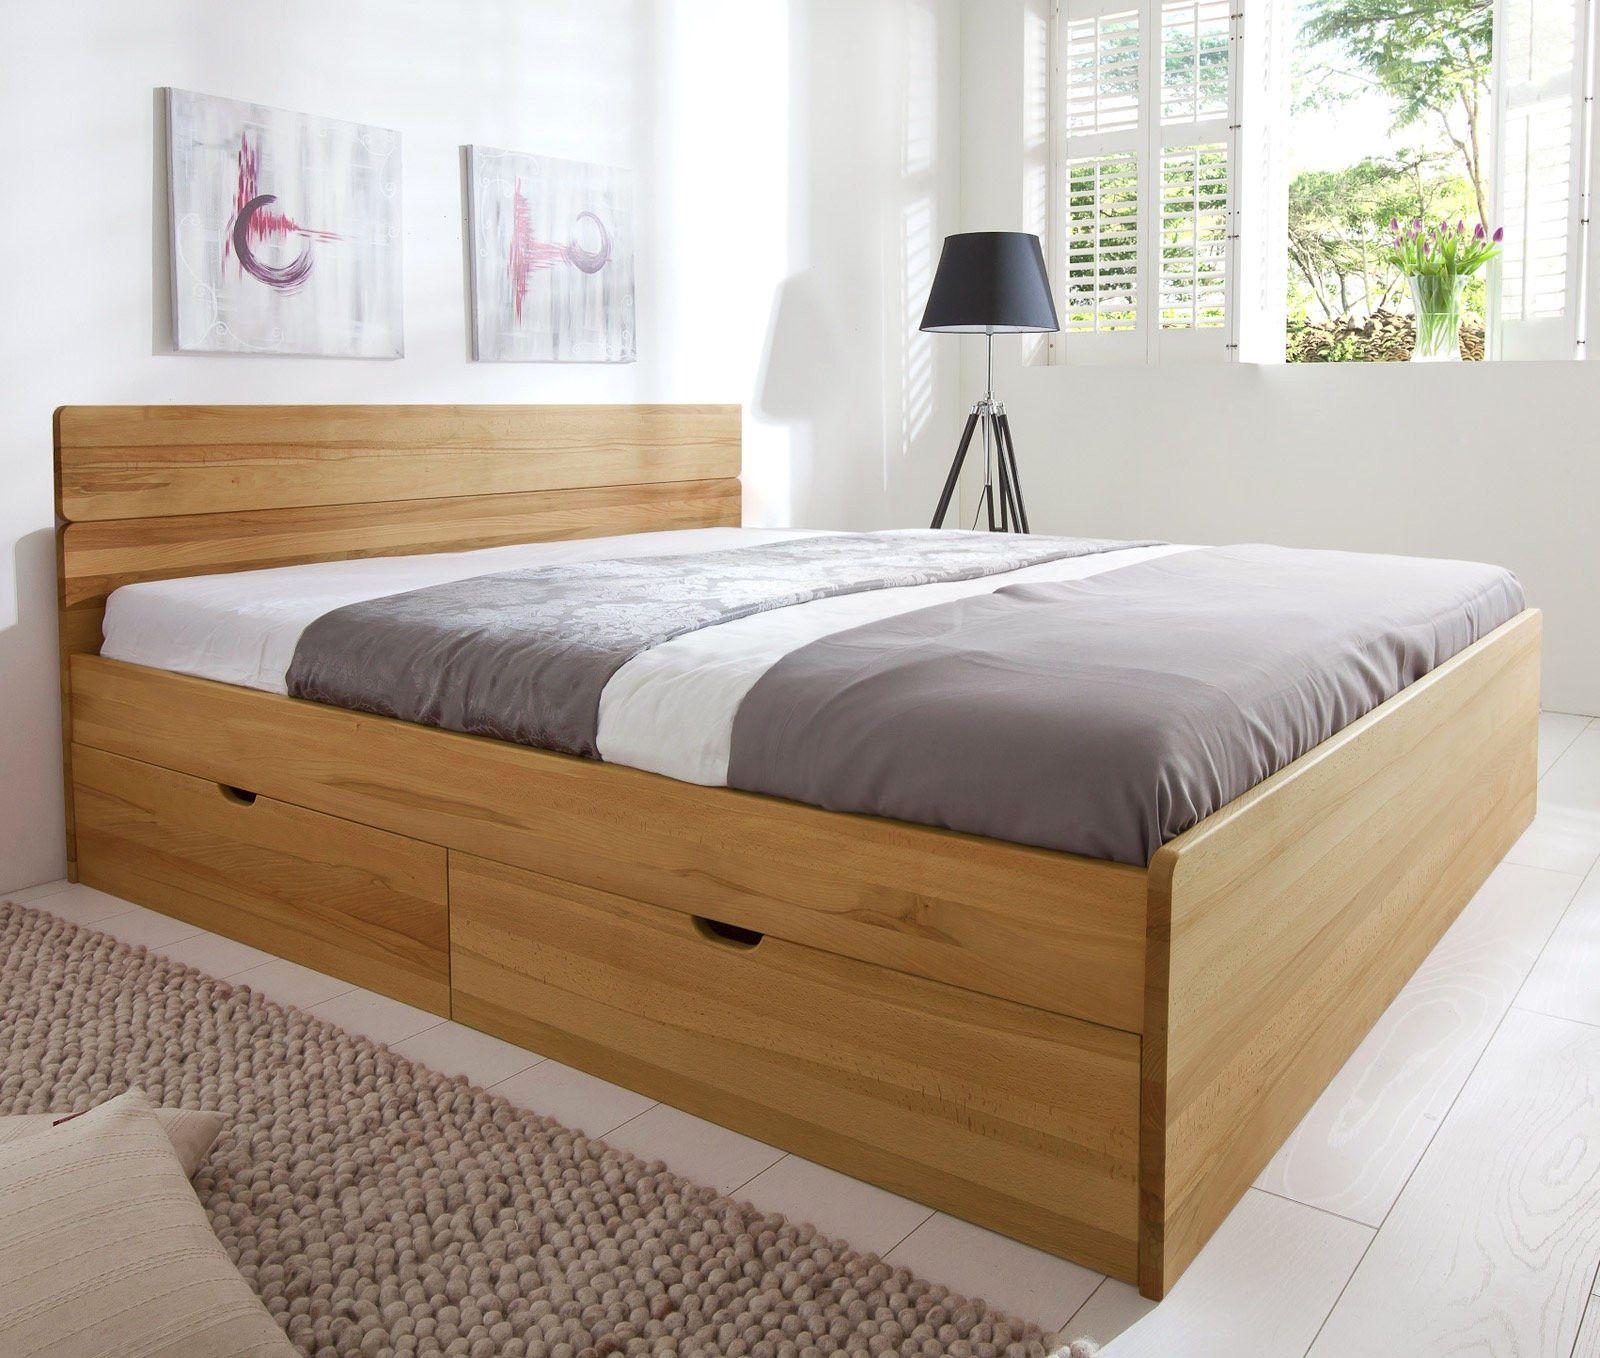 Bett 120 200 Holz Fresh Bett 120 200 Holz Deutsche Dekor 2018 Line Kaufen In 2020 Bed Frame With Storage Bed Frame With Drawers Bed Furniture Design